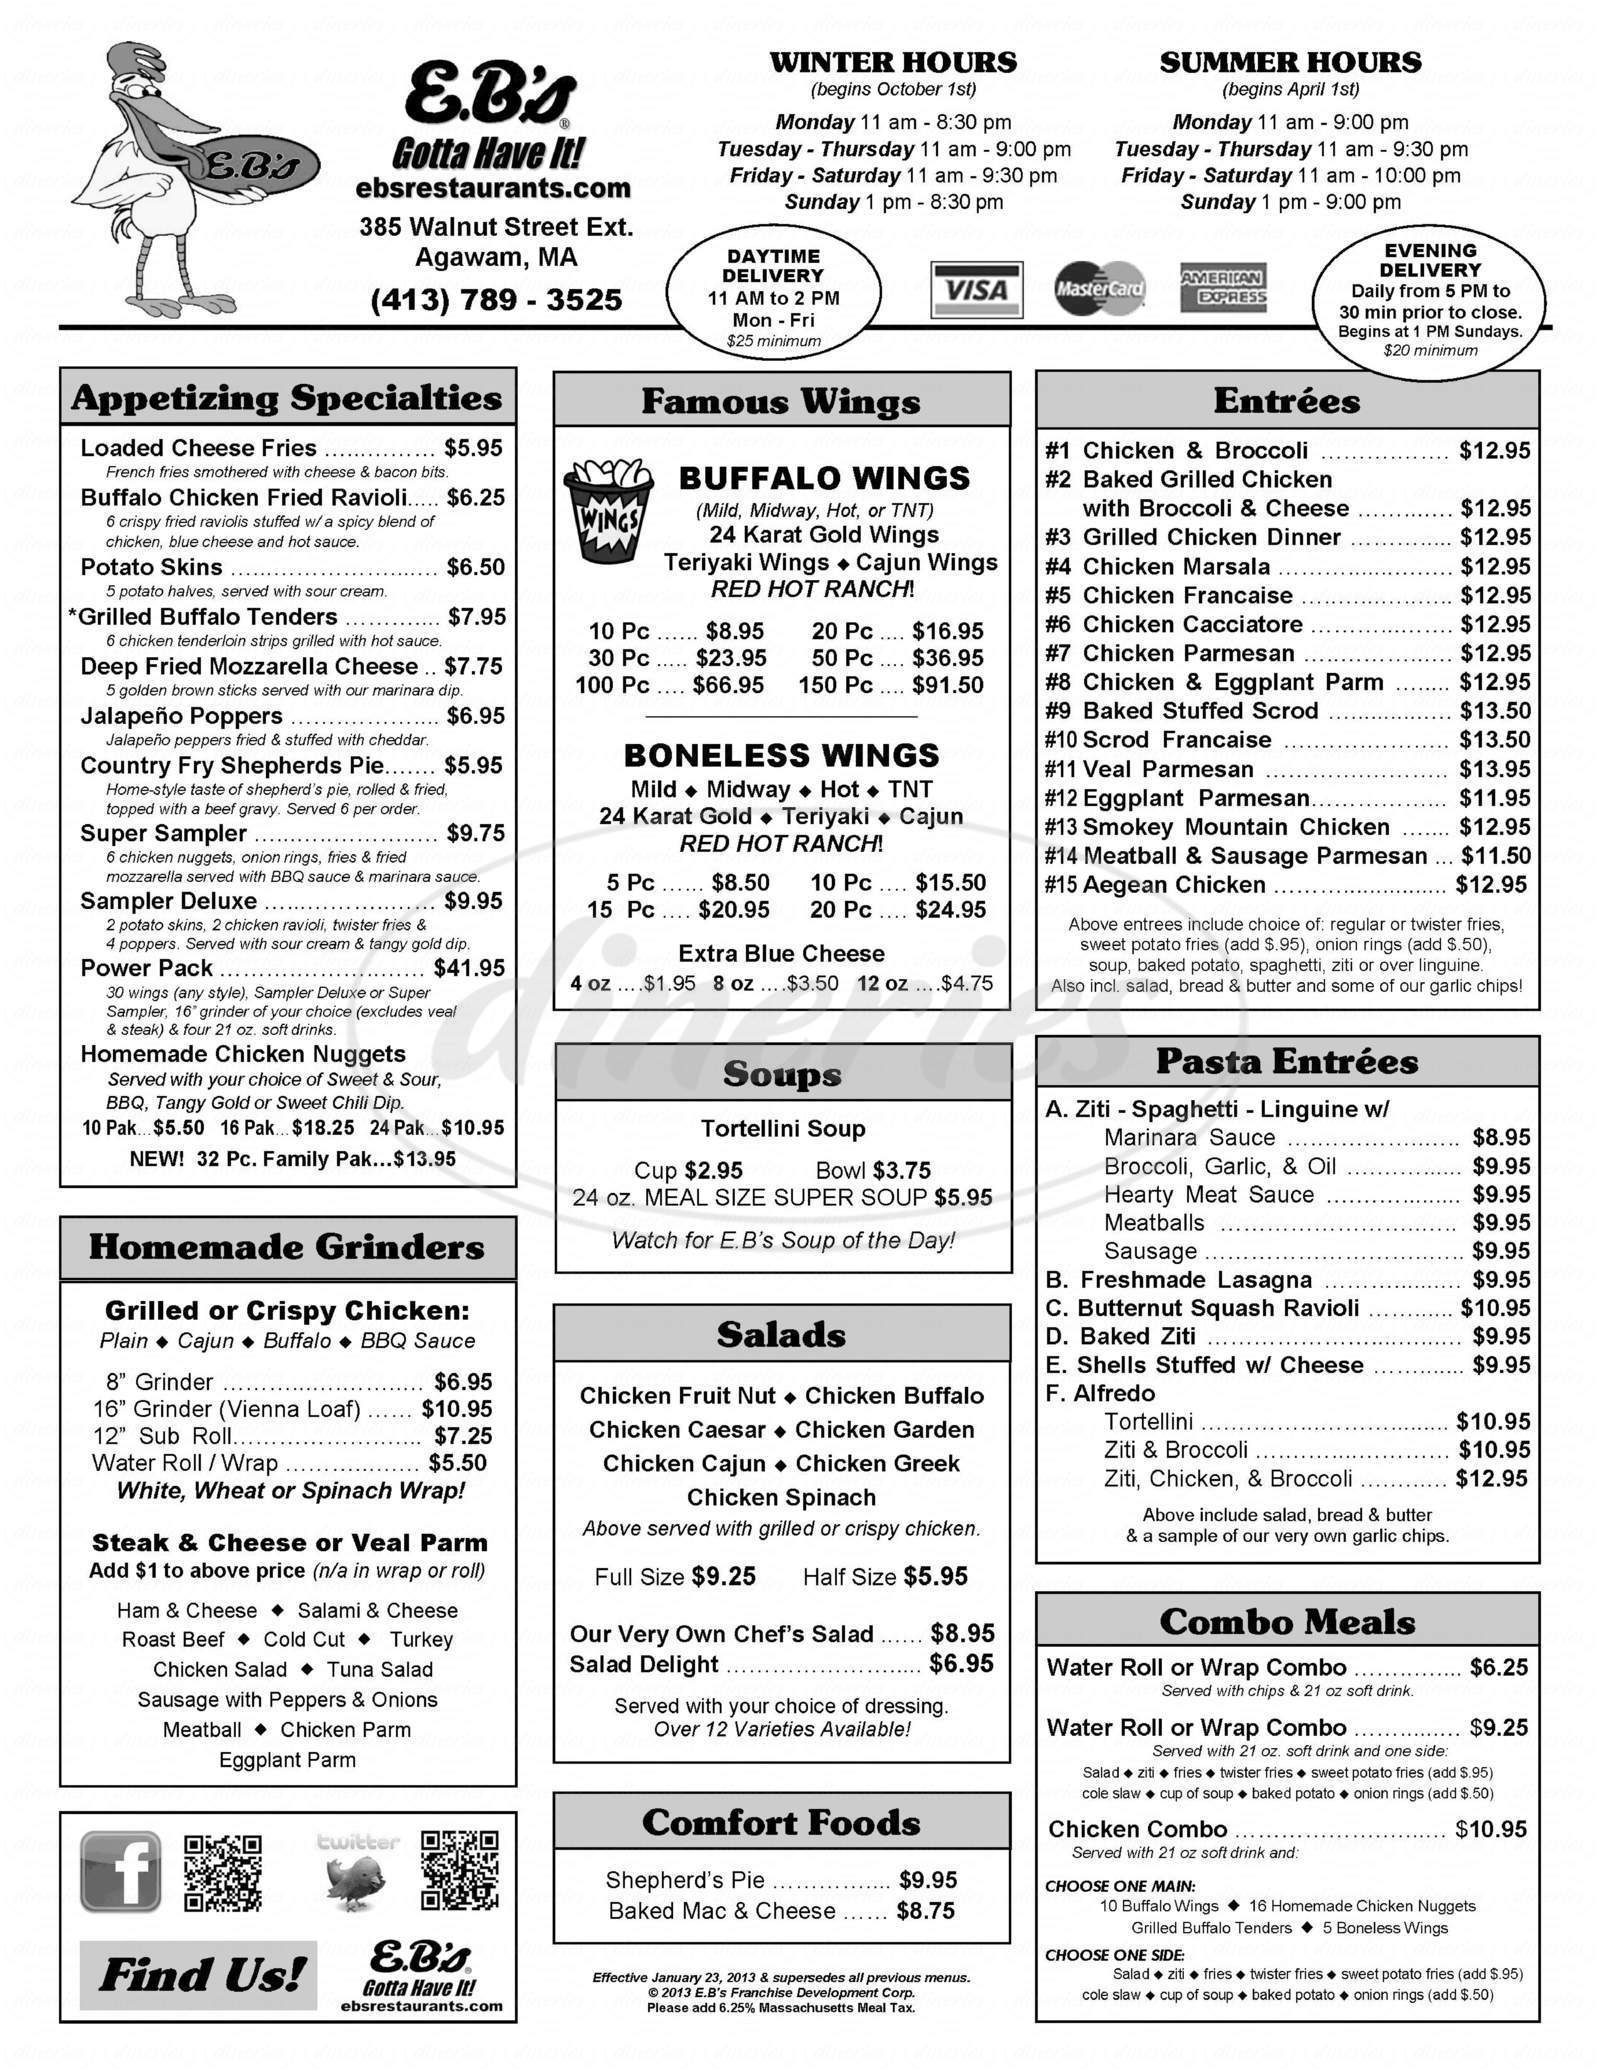 menu for E B's Speciality Chicken Restaurant